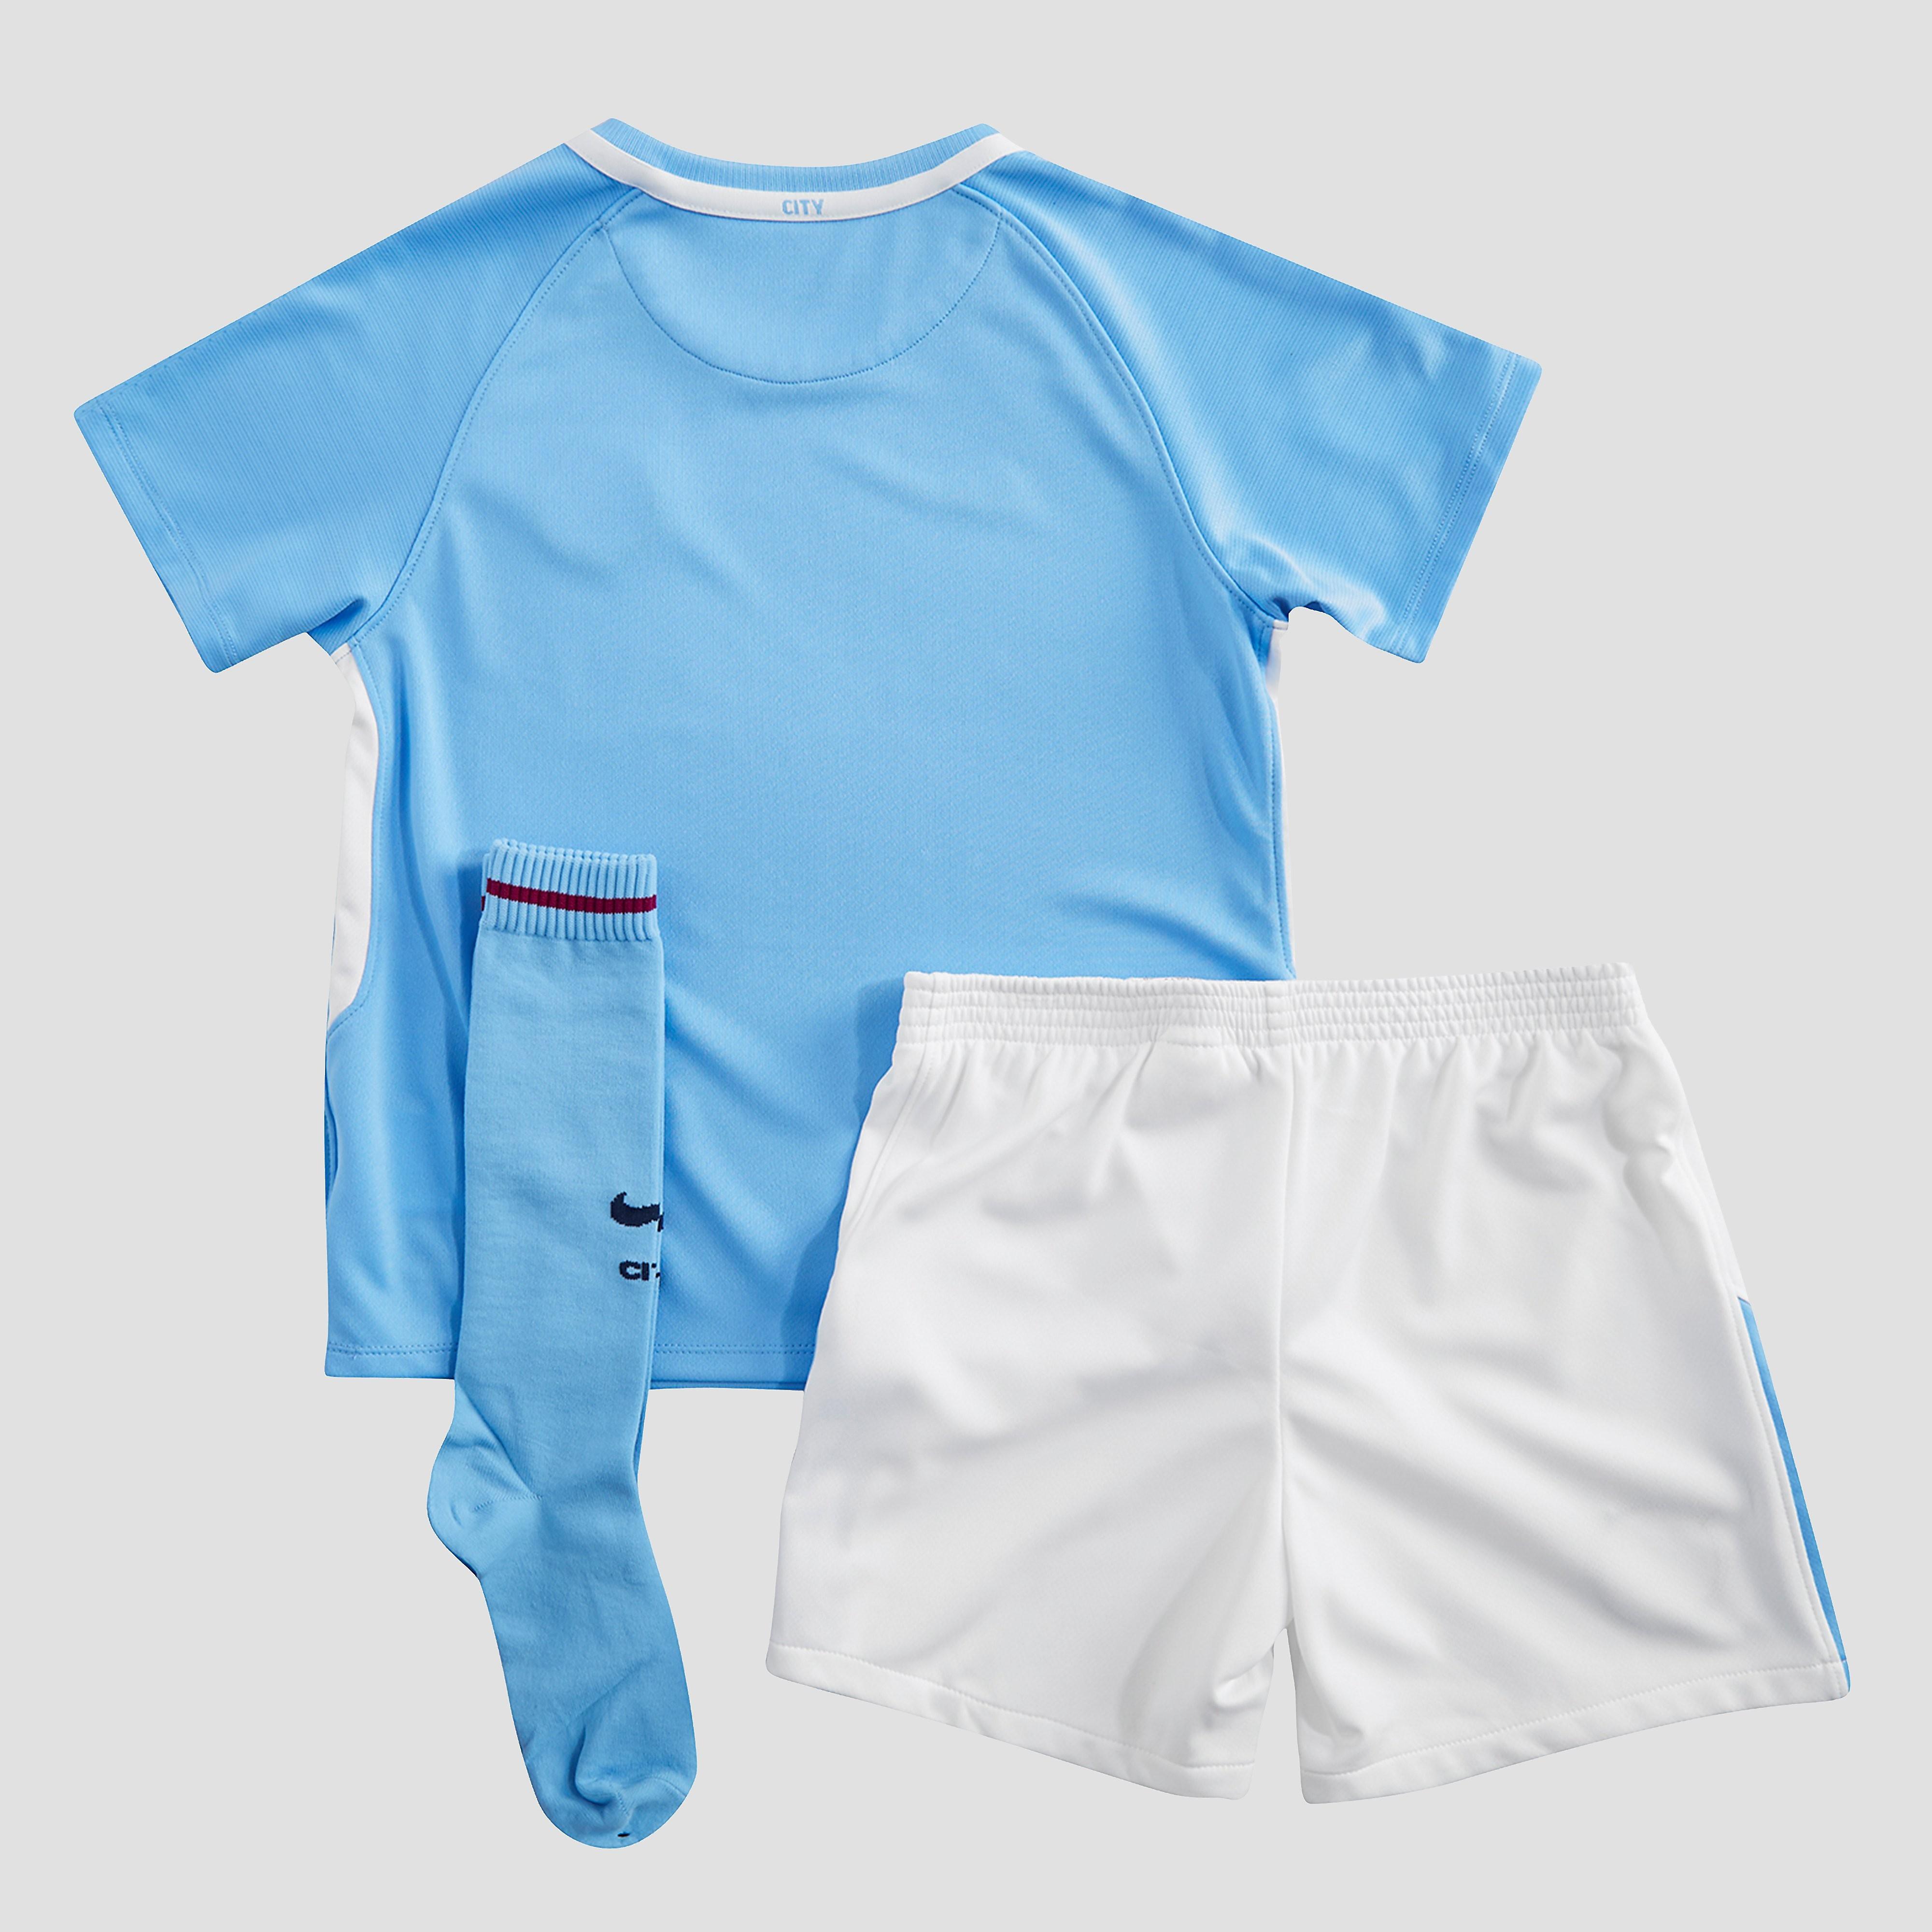 Nike Manchester City FC 2017/18 Children's Home Kit